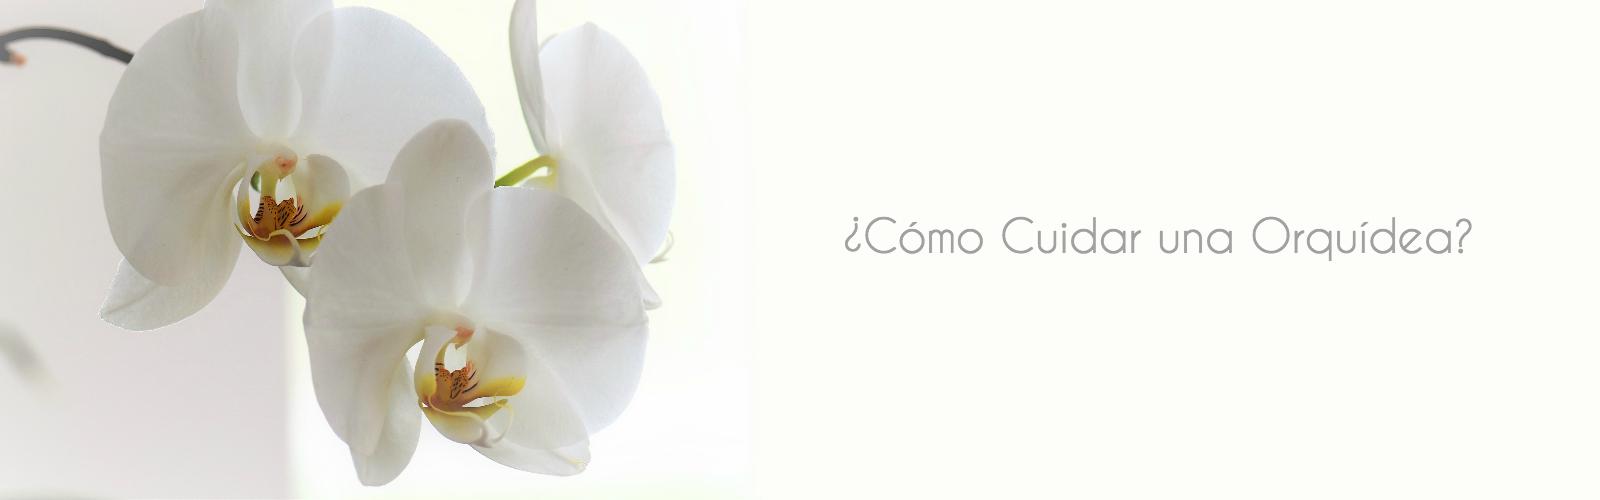 como-cuidar-una-orquidea-floristeria-cotton-candy